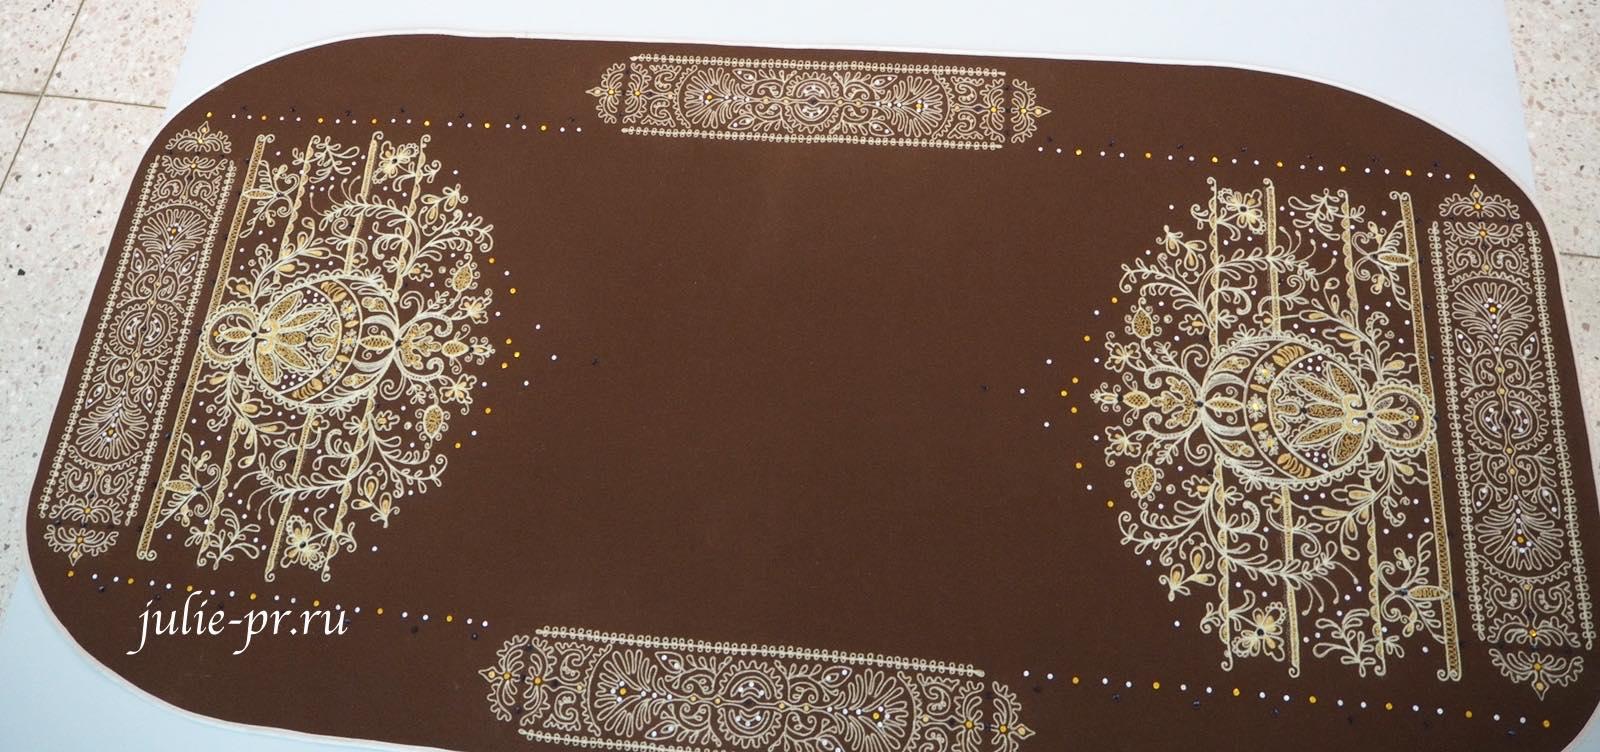 Всероссийская выставка вышивки, вышивка, Декоративный столешник, Златое древо к щедрому столу, золотное орнаментальное шитьё